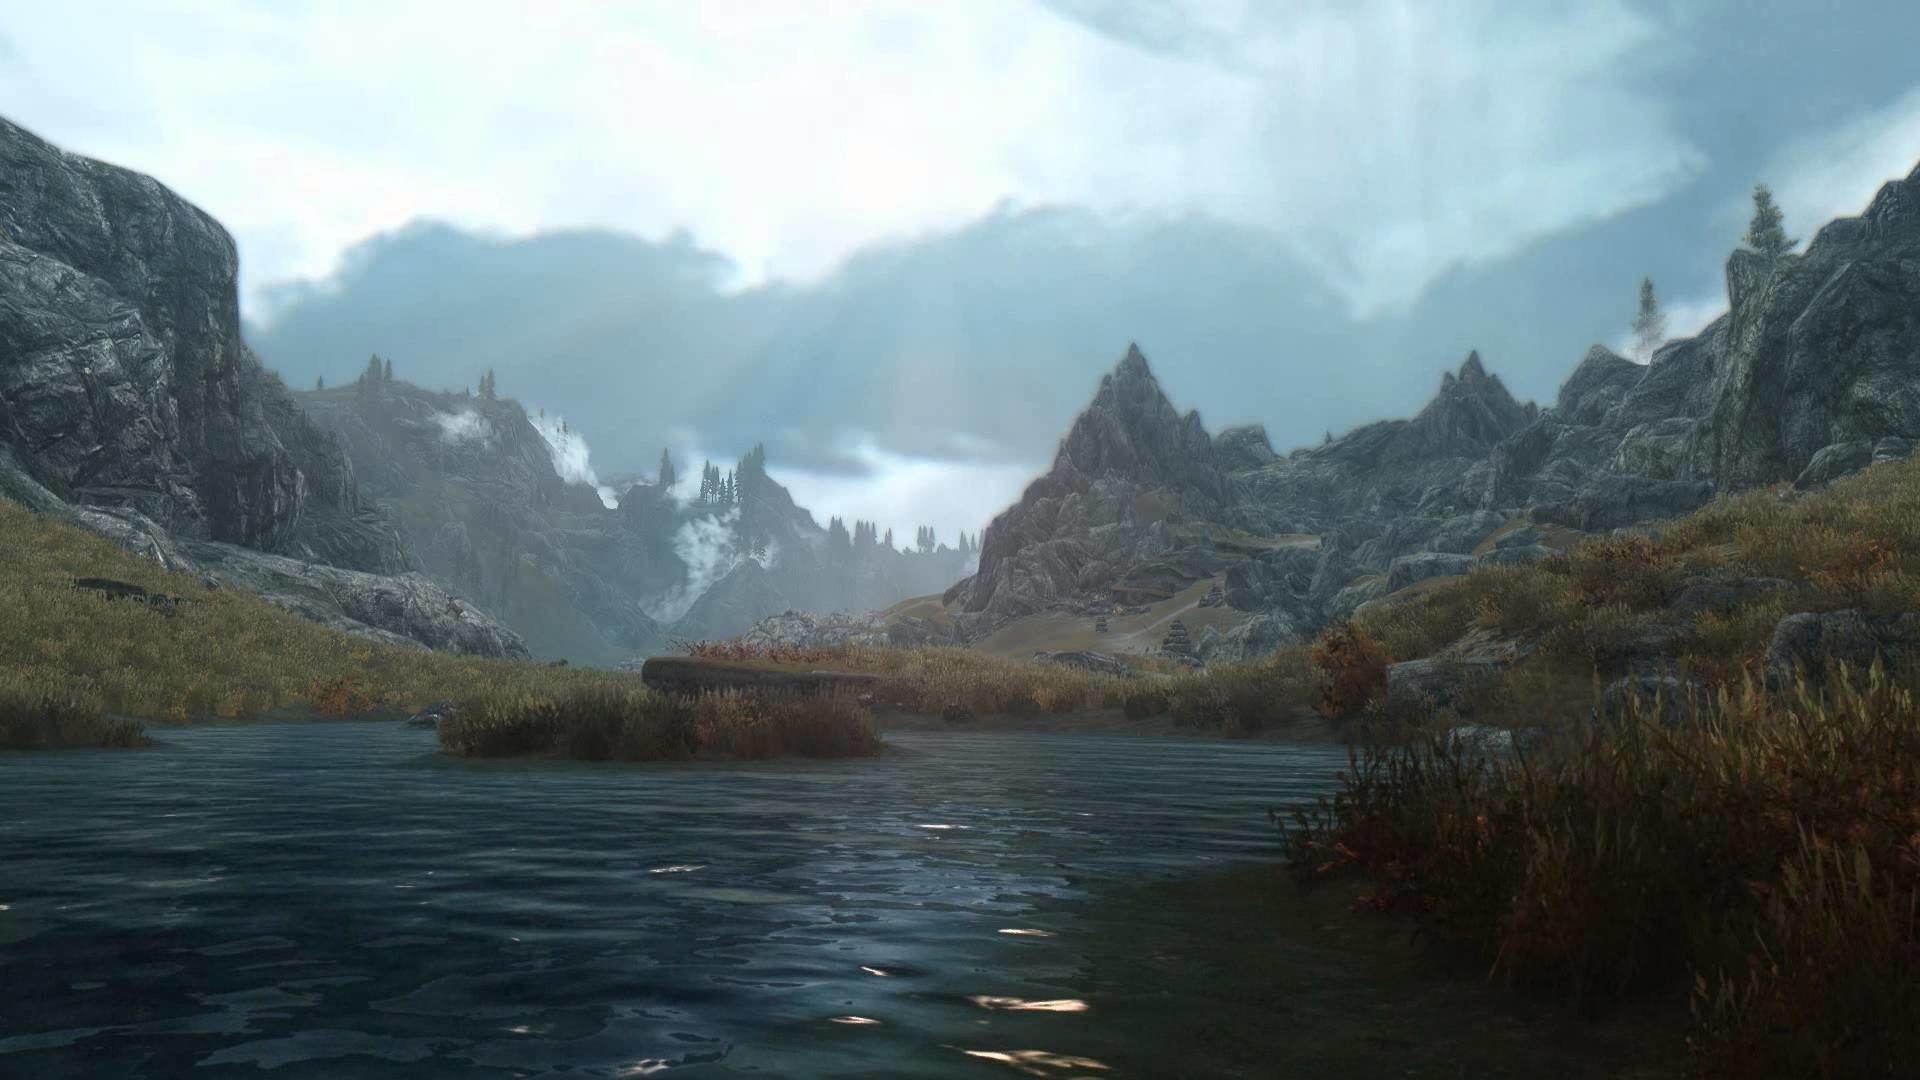 Elder Scrolls V Skyrim – Heavily Modded Scene – [Live Wallpaper] – (1080p)  – YouTube